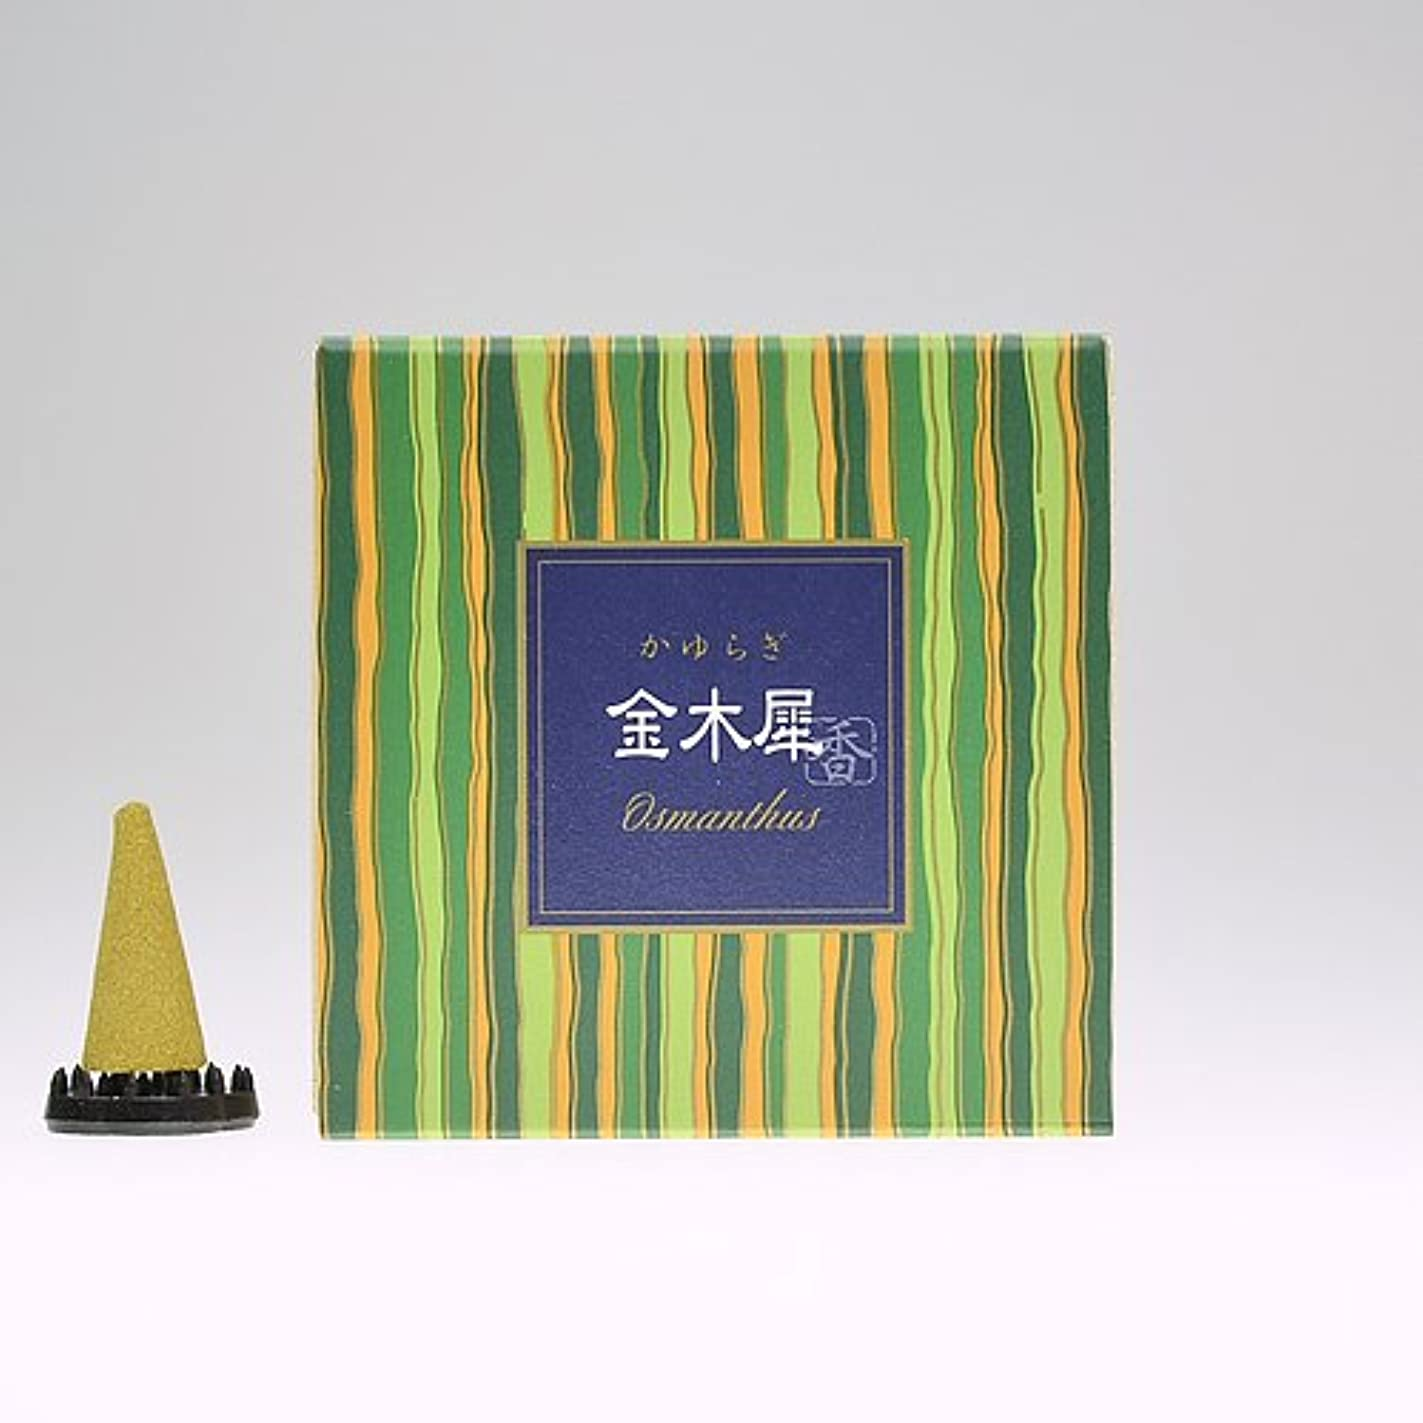 金額静かな味わう日本香堂 かゆらぎ お香コーン 12個入 「金木犀(きんもくせい)」 4902125384149